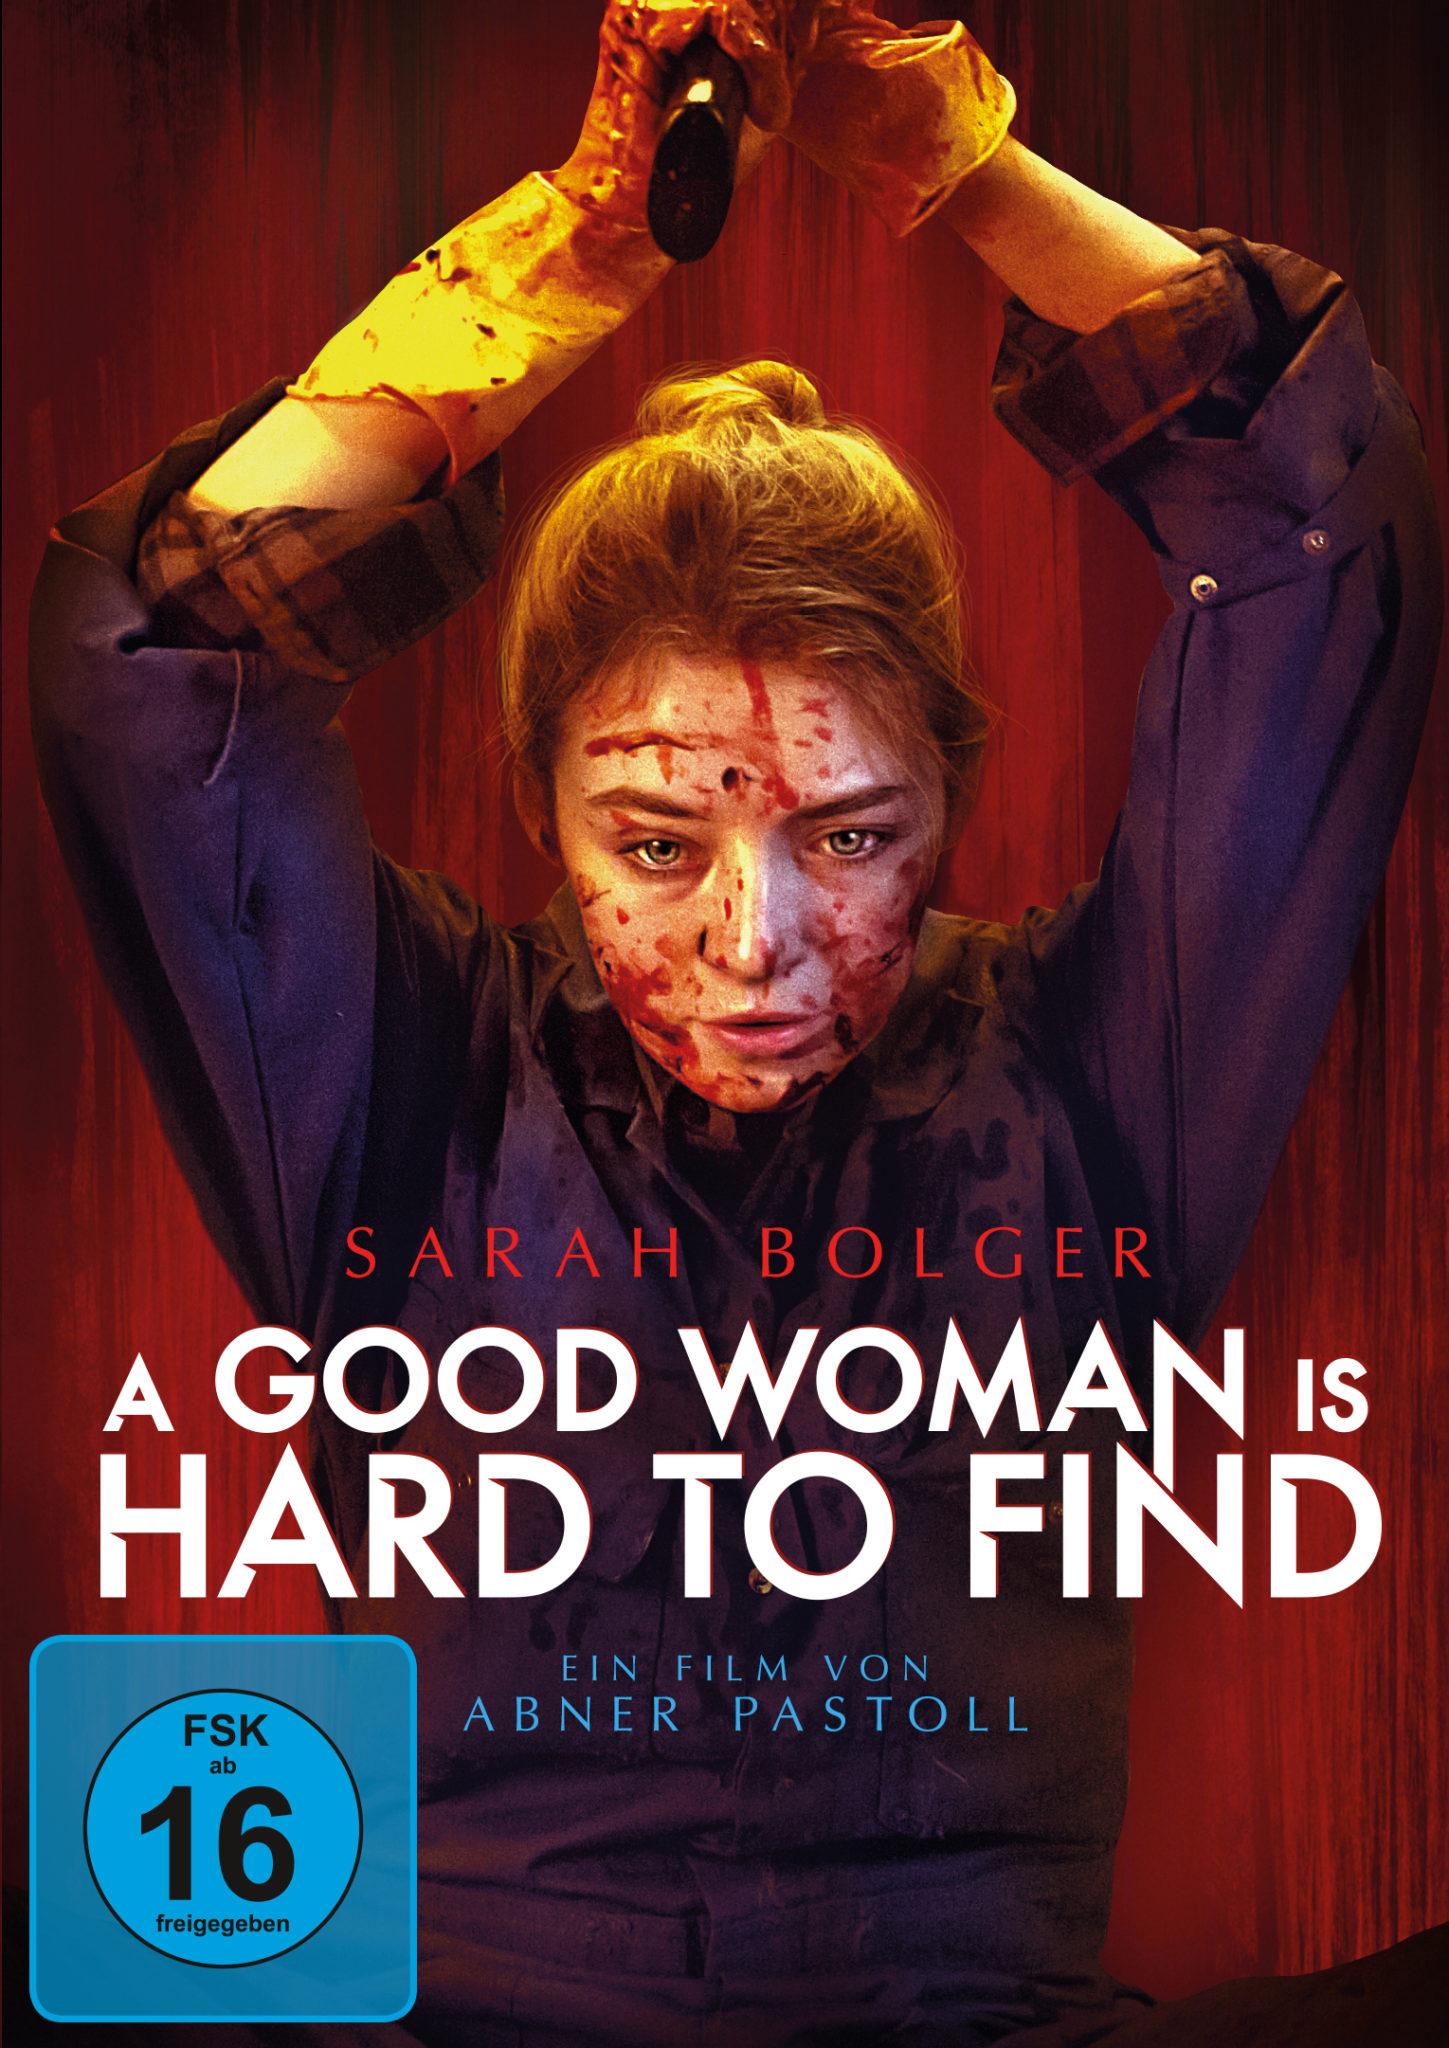 Das Poster zeigt die Hauptfigur Sarah, wie sie in einem Blaumann und blutverschmiert eine nicht erkennbare Waffe über ihren Kopf hält.